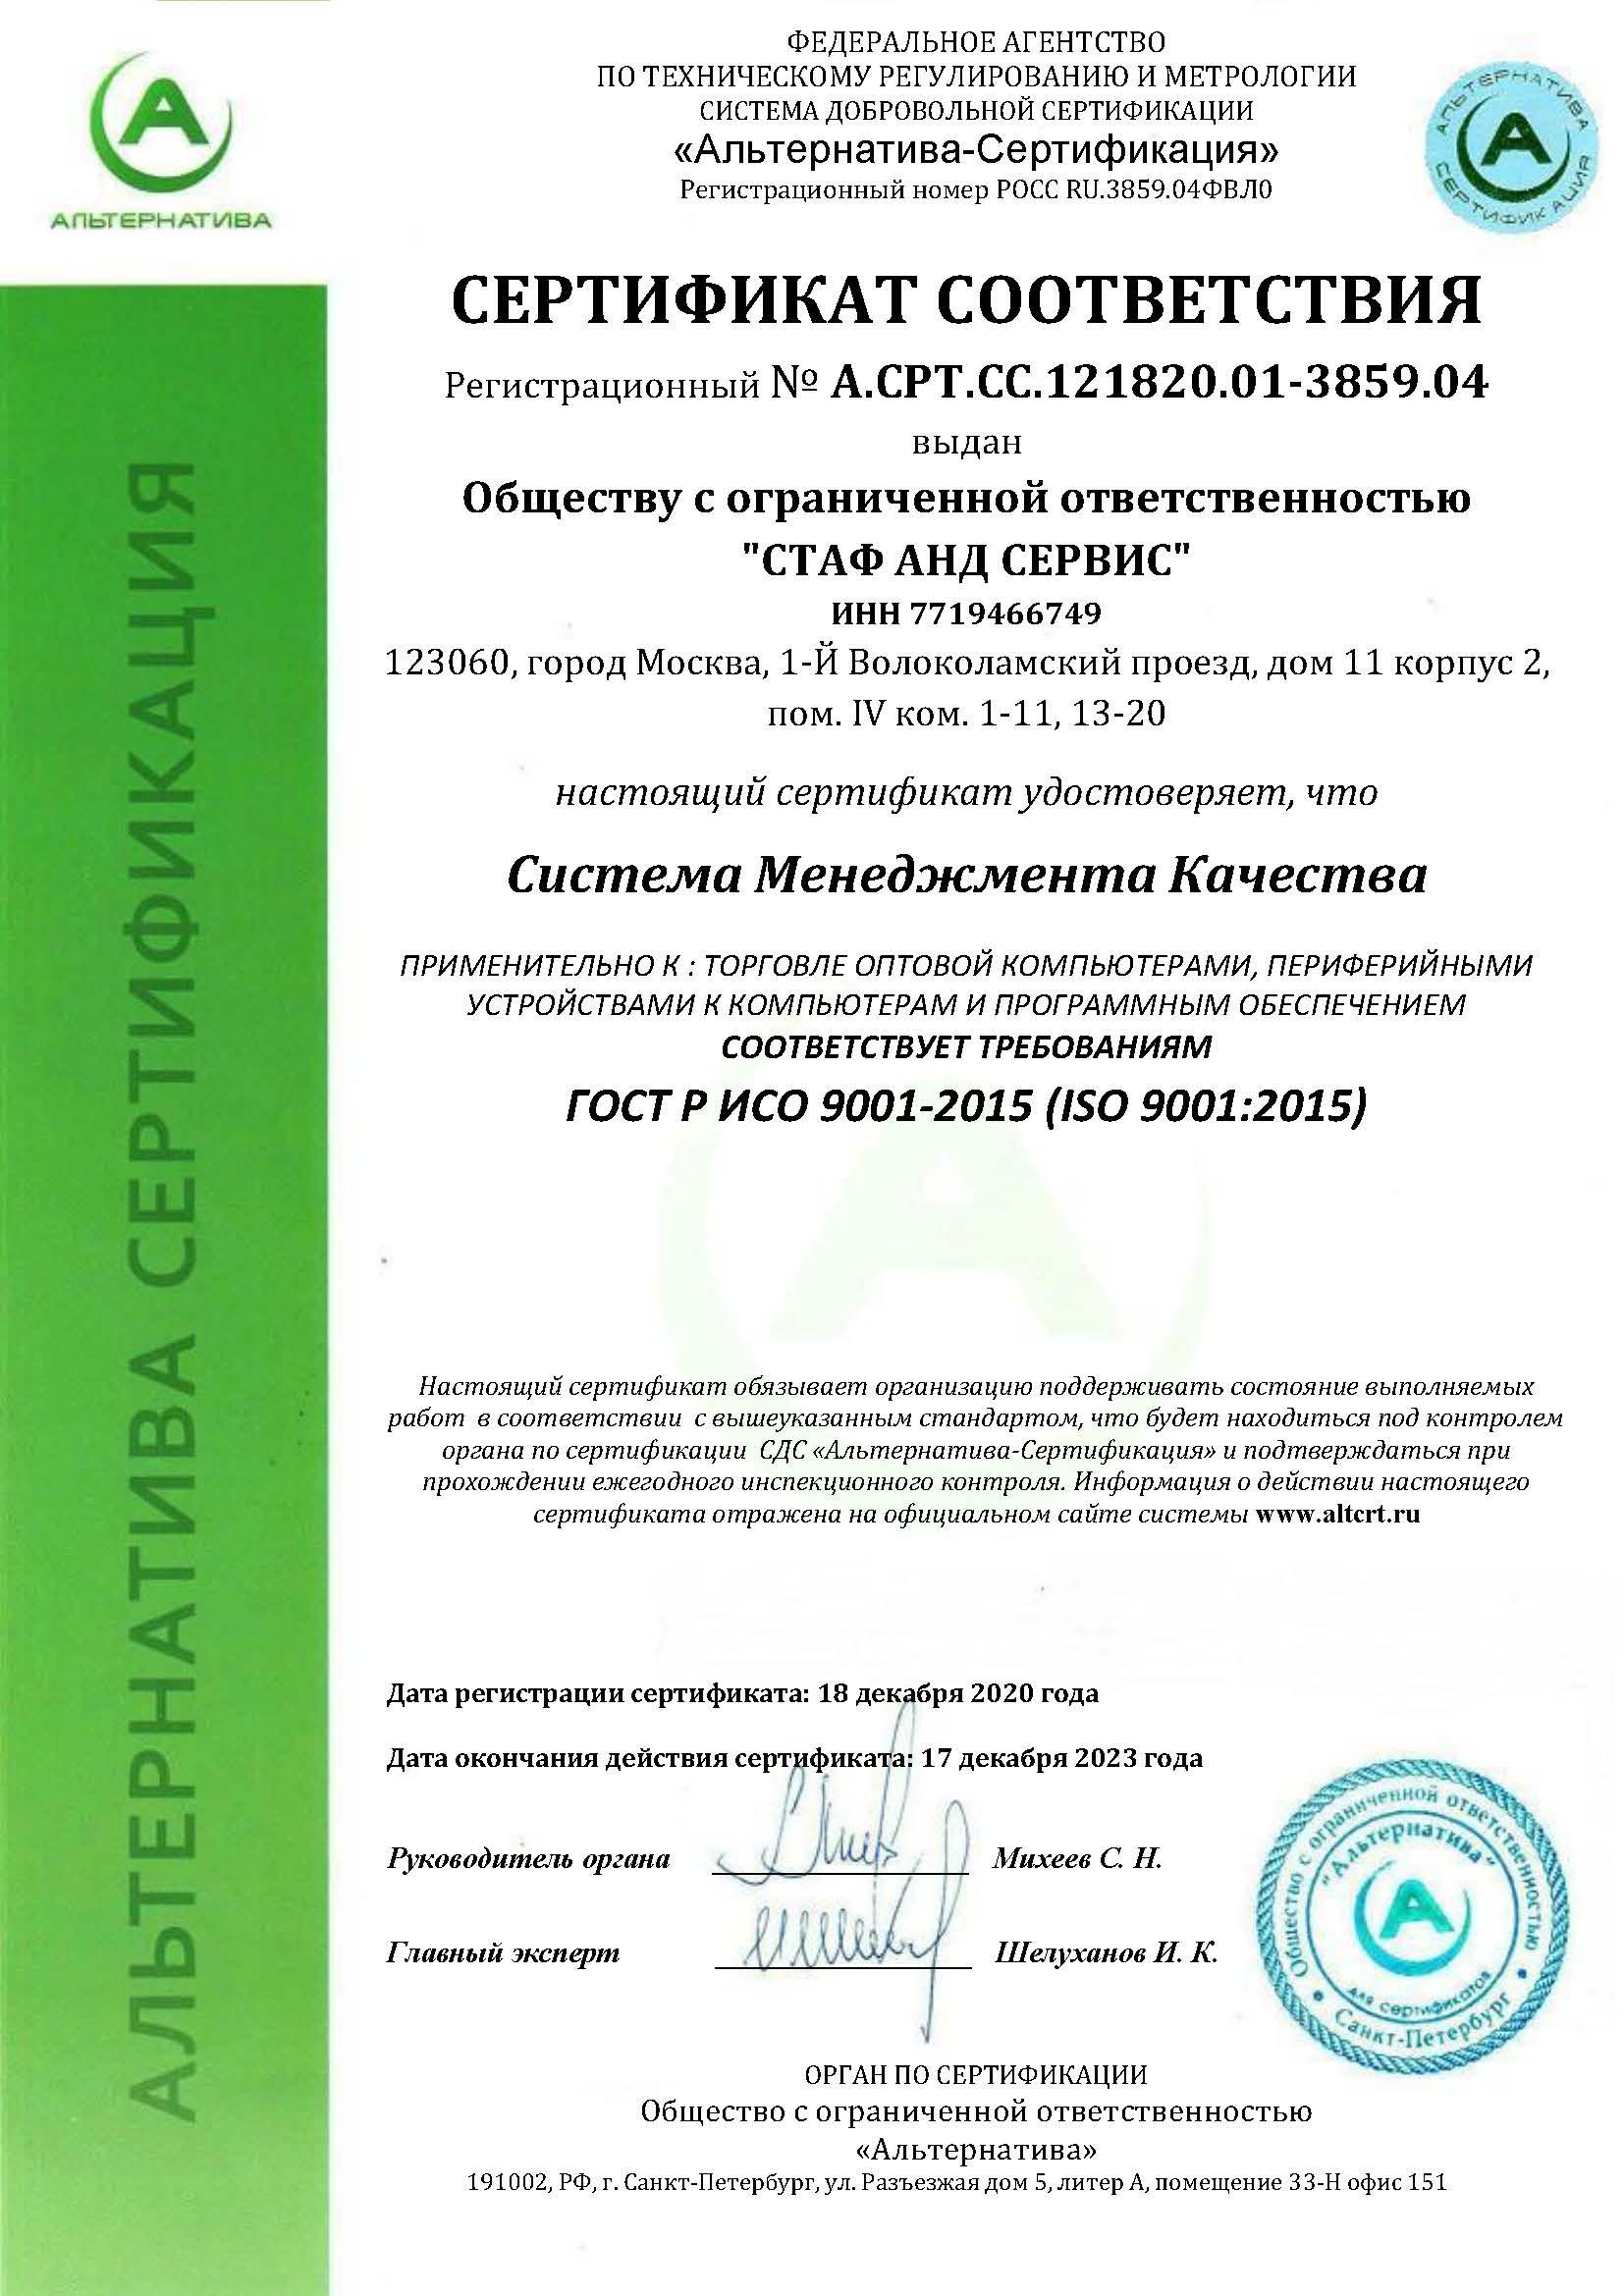 сертификат Стаф анд Сервис ISO 9001:2015